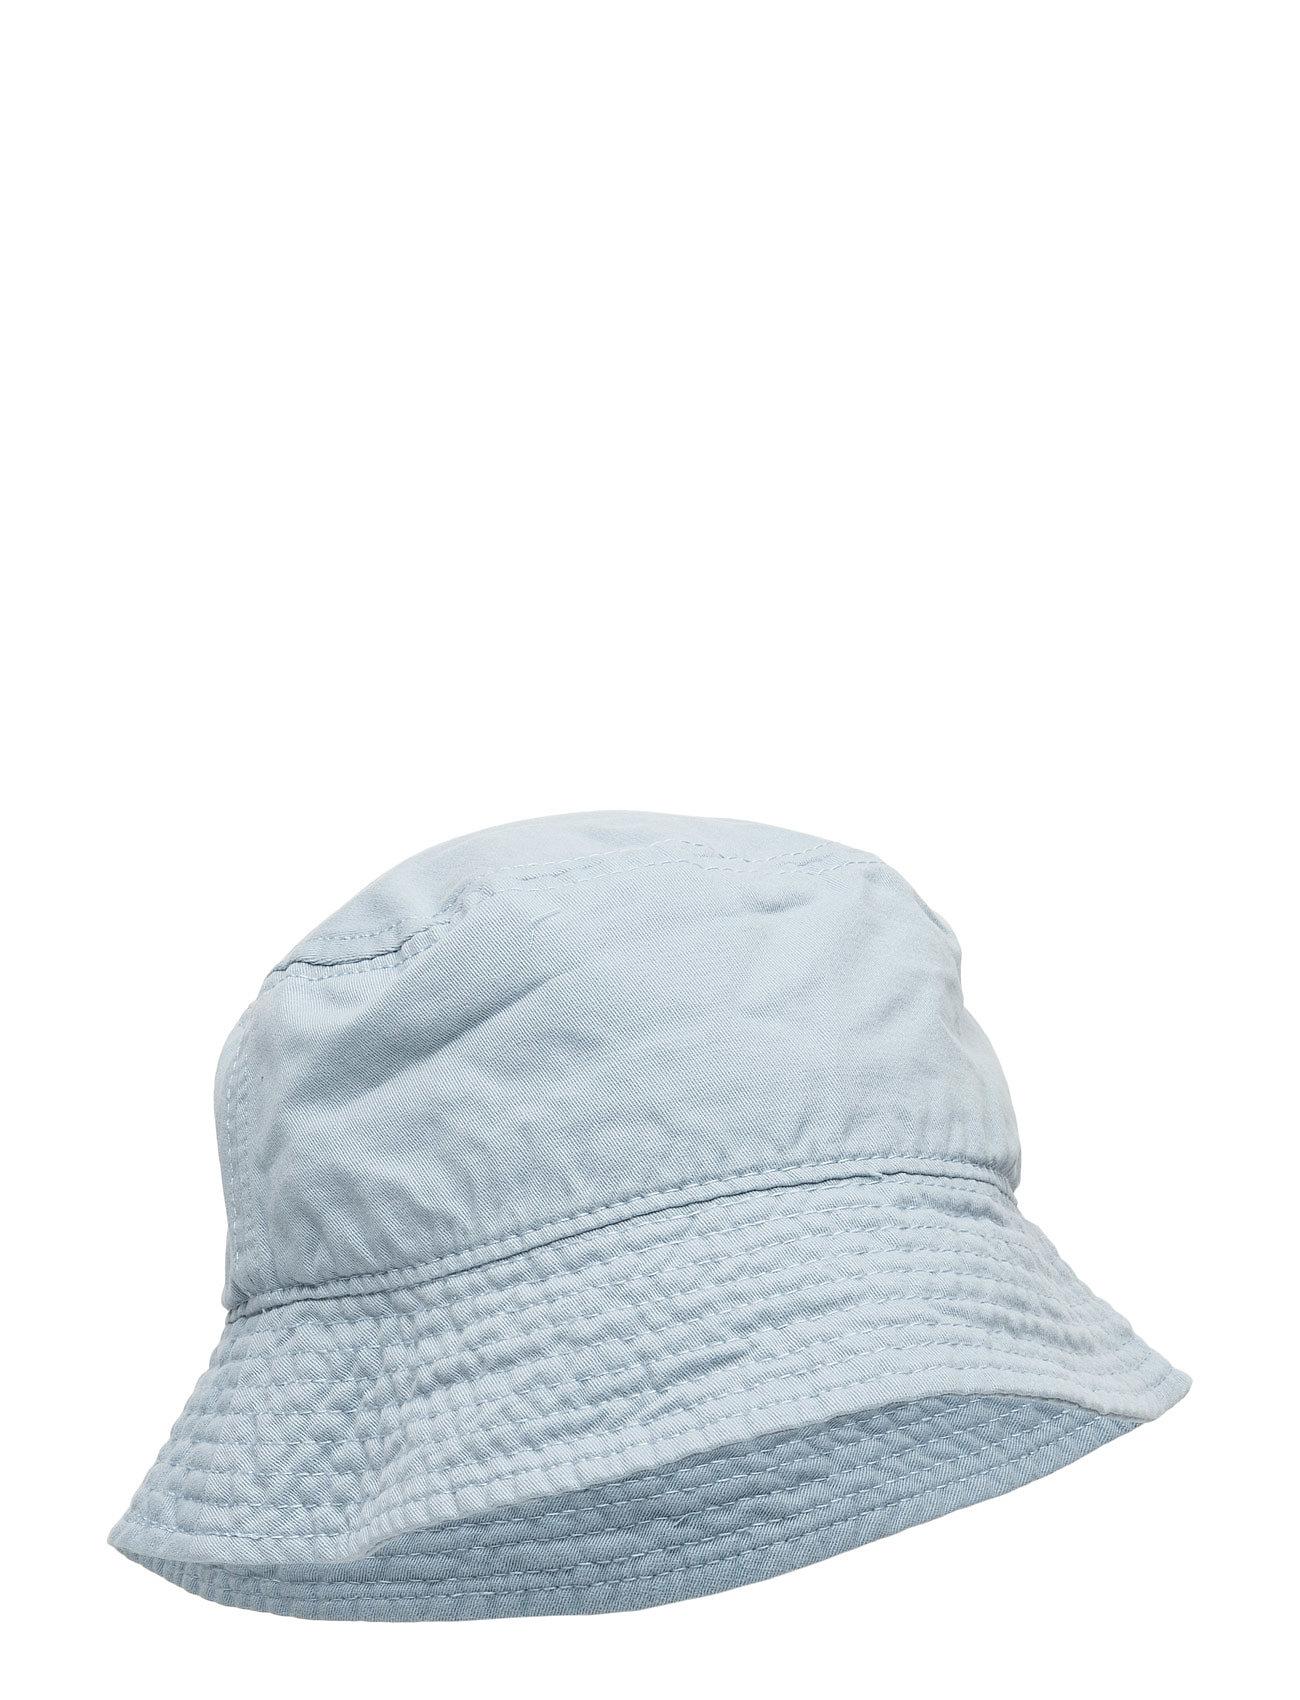 Asmus, K Hat Mini A Ture Hatte & Caps til Børn i